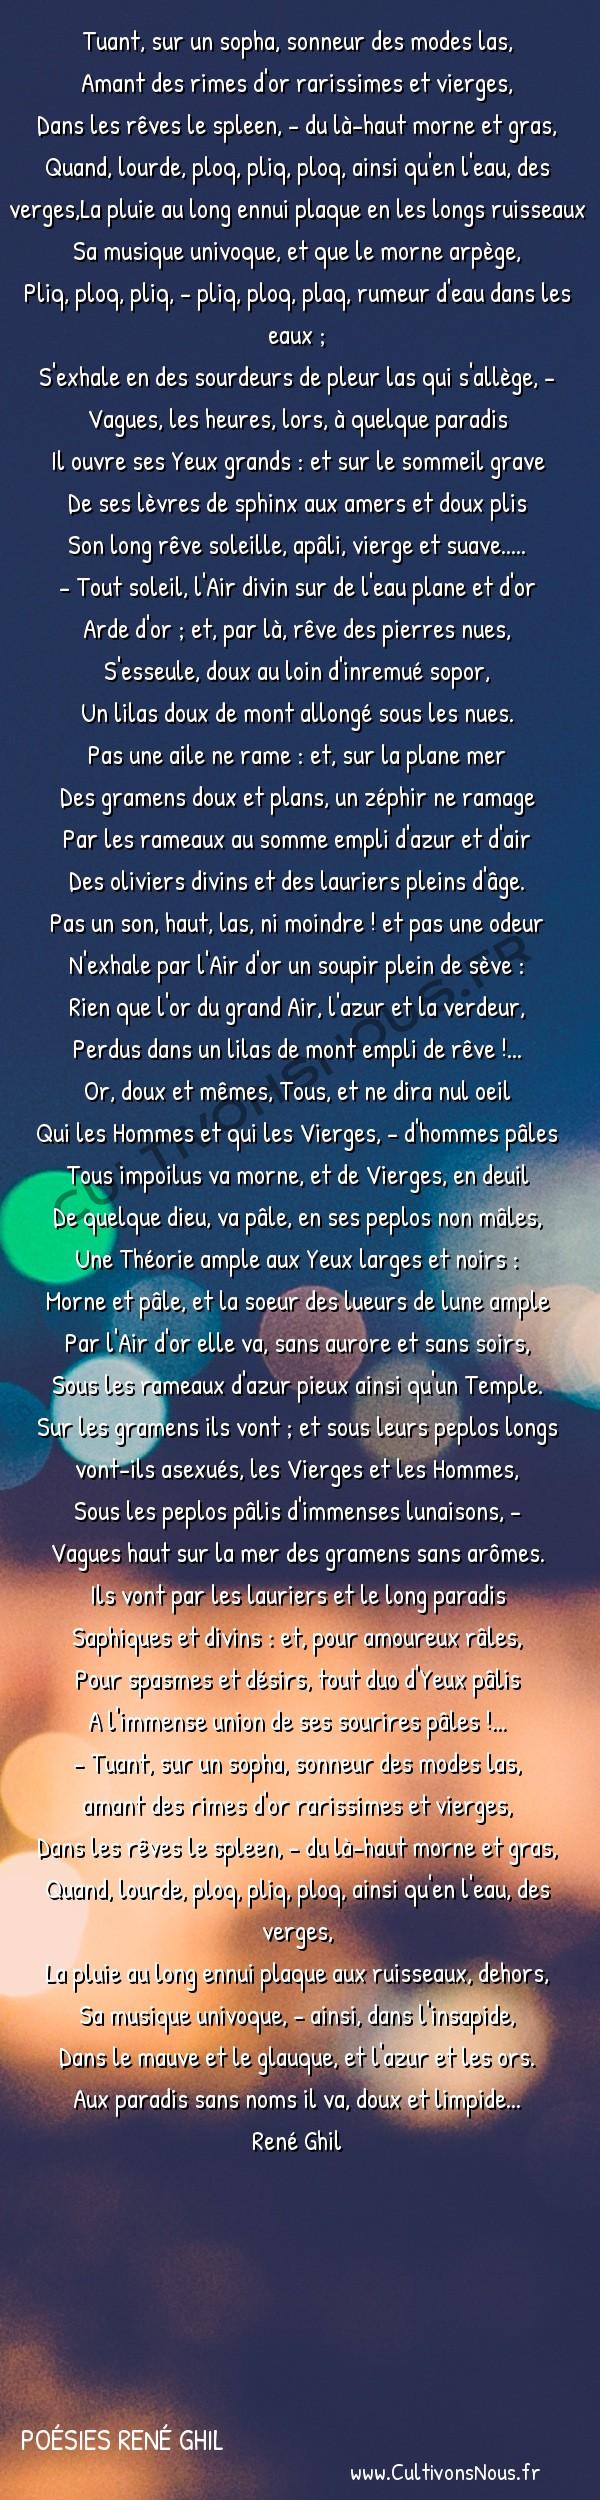 Poésies René Ghil - Légendes d'âmes et de sangs - Lieu de lauriers -  Tuant, sur un sopha, sonneur des modes las, Amant des rimes d'or rarissimes et vierges,